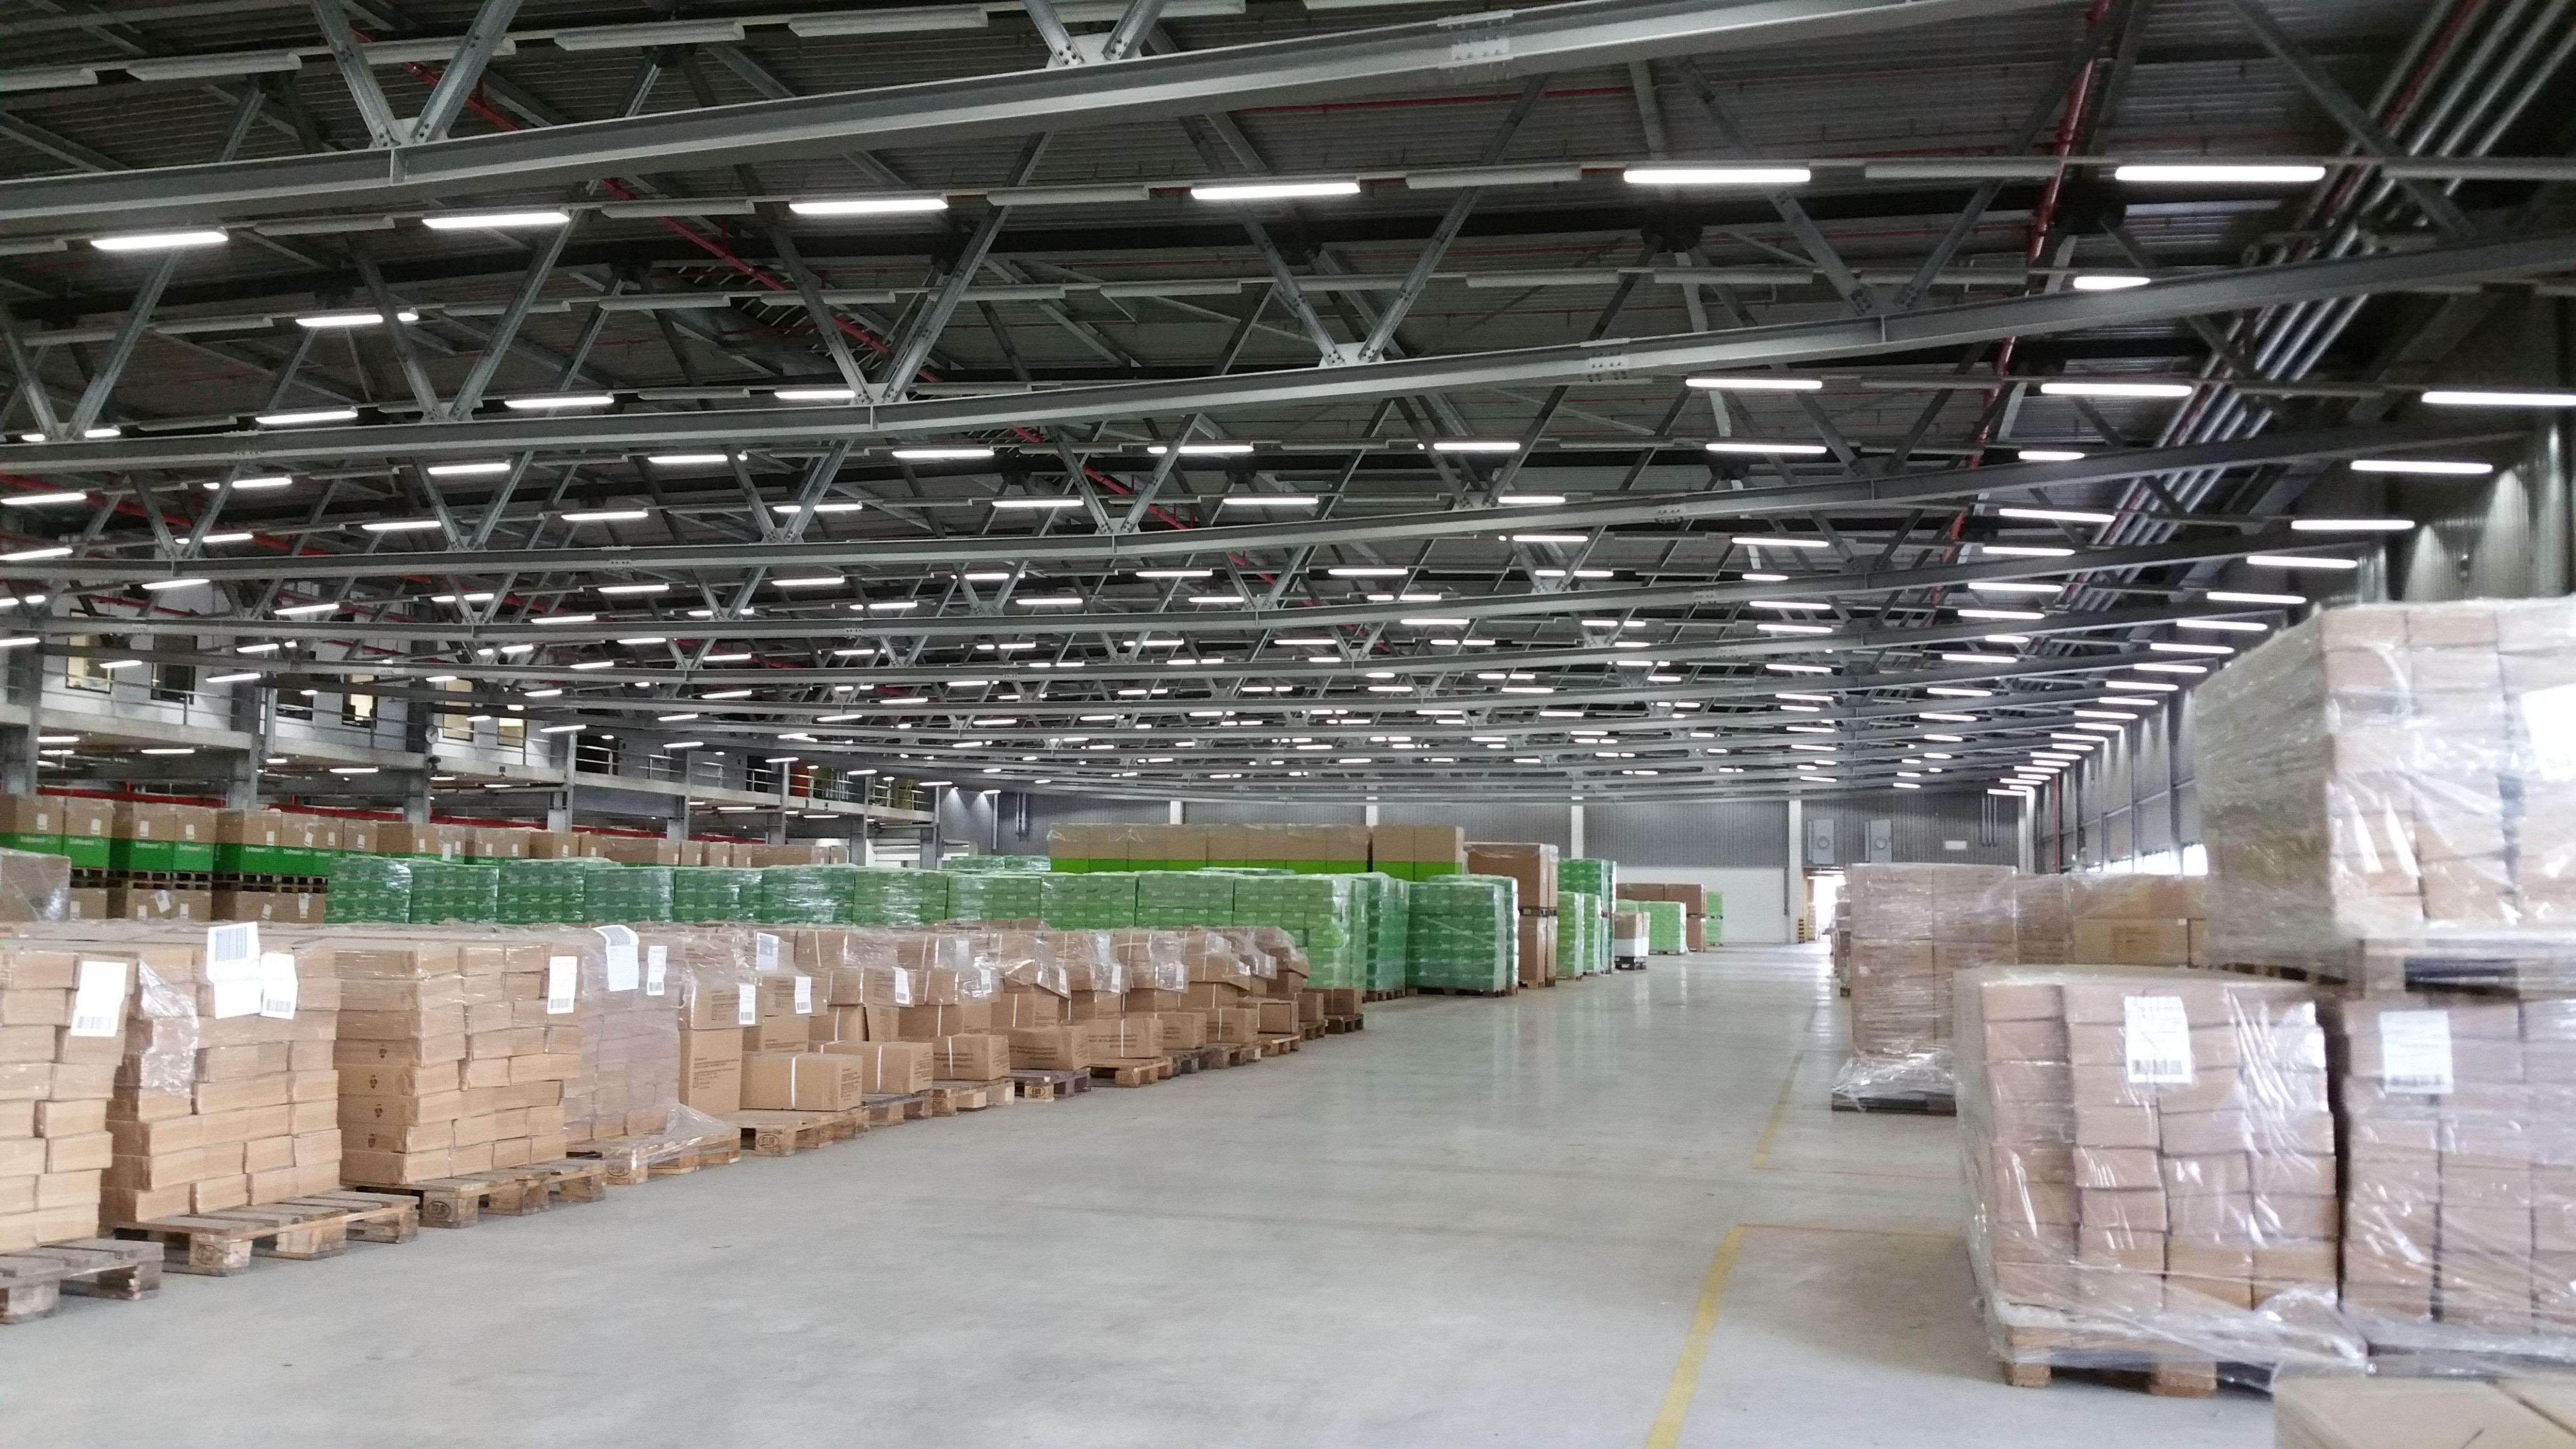 Clc China Logistic Center Neuplanung Und Umrustung Der Beleuchtung Fur Lager Und Hochregalnutzung Sowie Fur Kommission Led Rohren Aussenbeleuchtung Led Panel